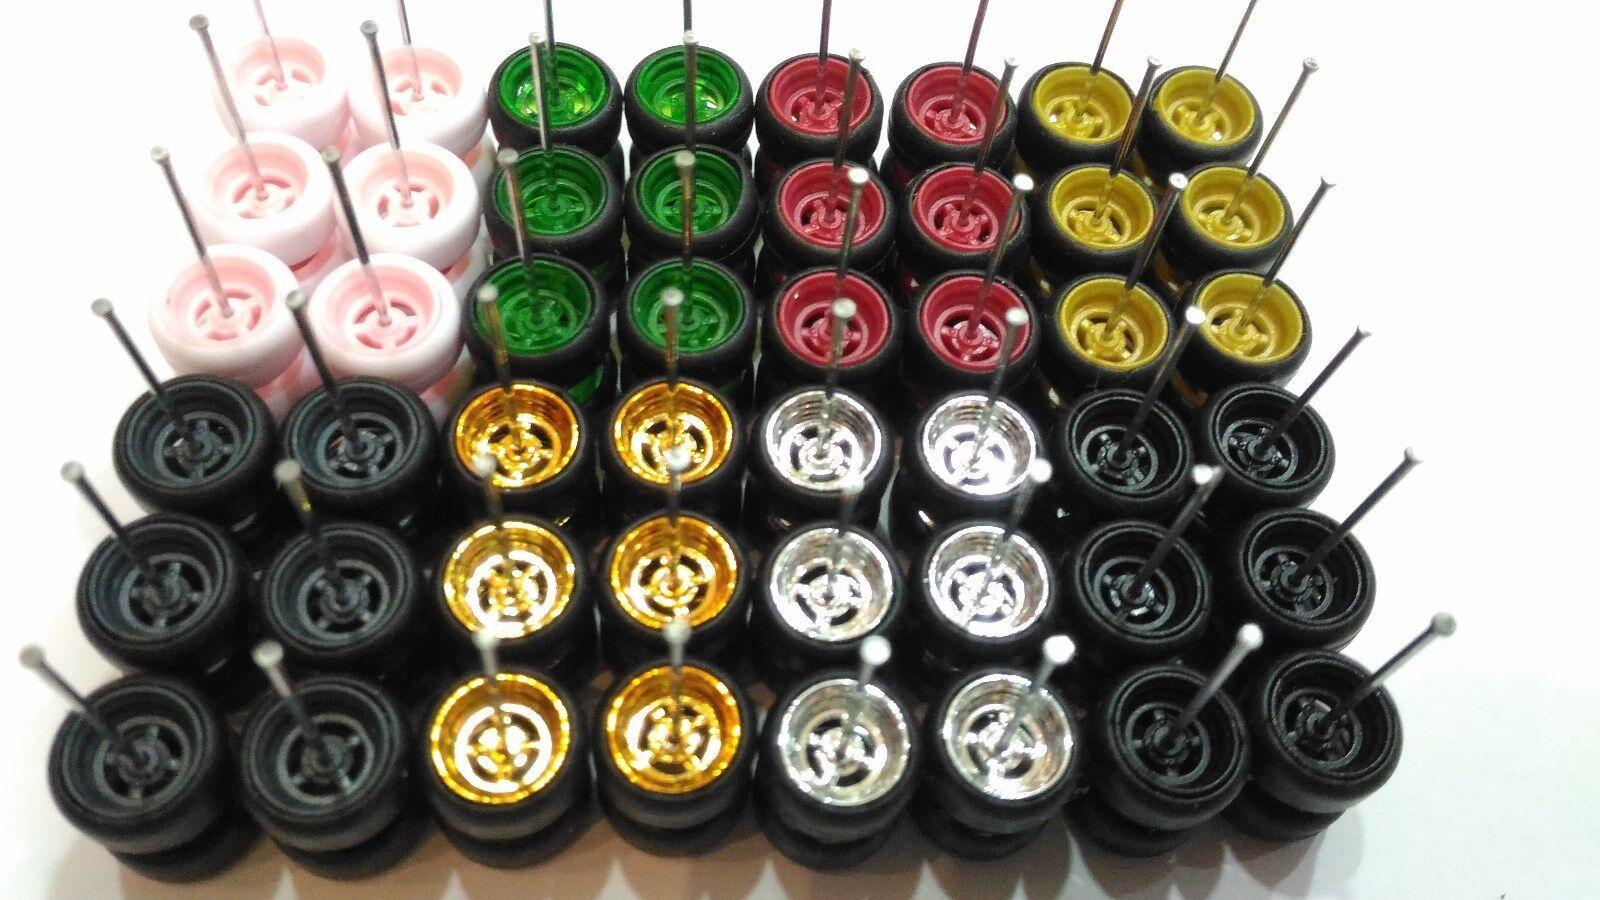 2019 Hot Wheels  4 Spoke Rubber Tire  24 sets JDM (8 colors MIX) see description